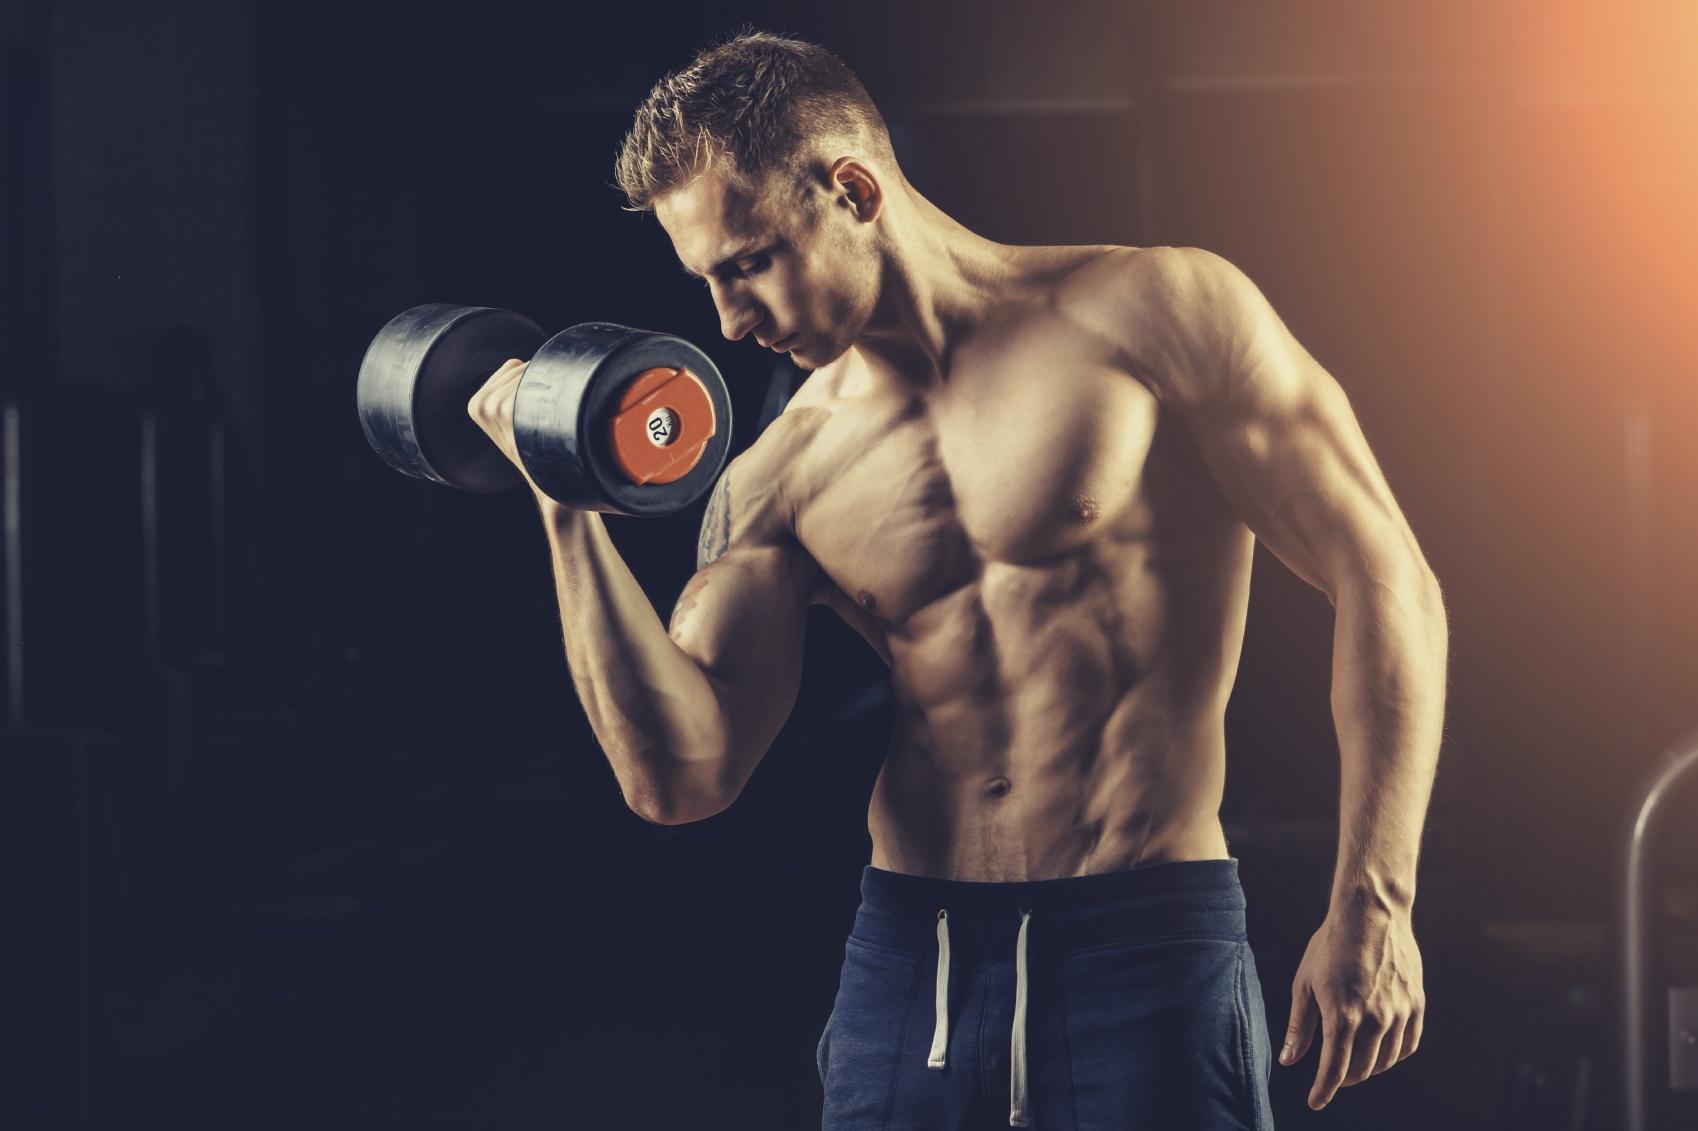 Ejercicios de bíceps en 3 formas diferentes